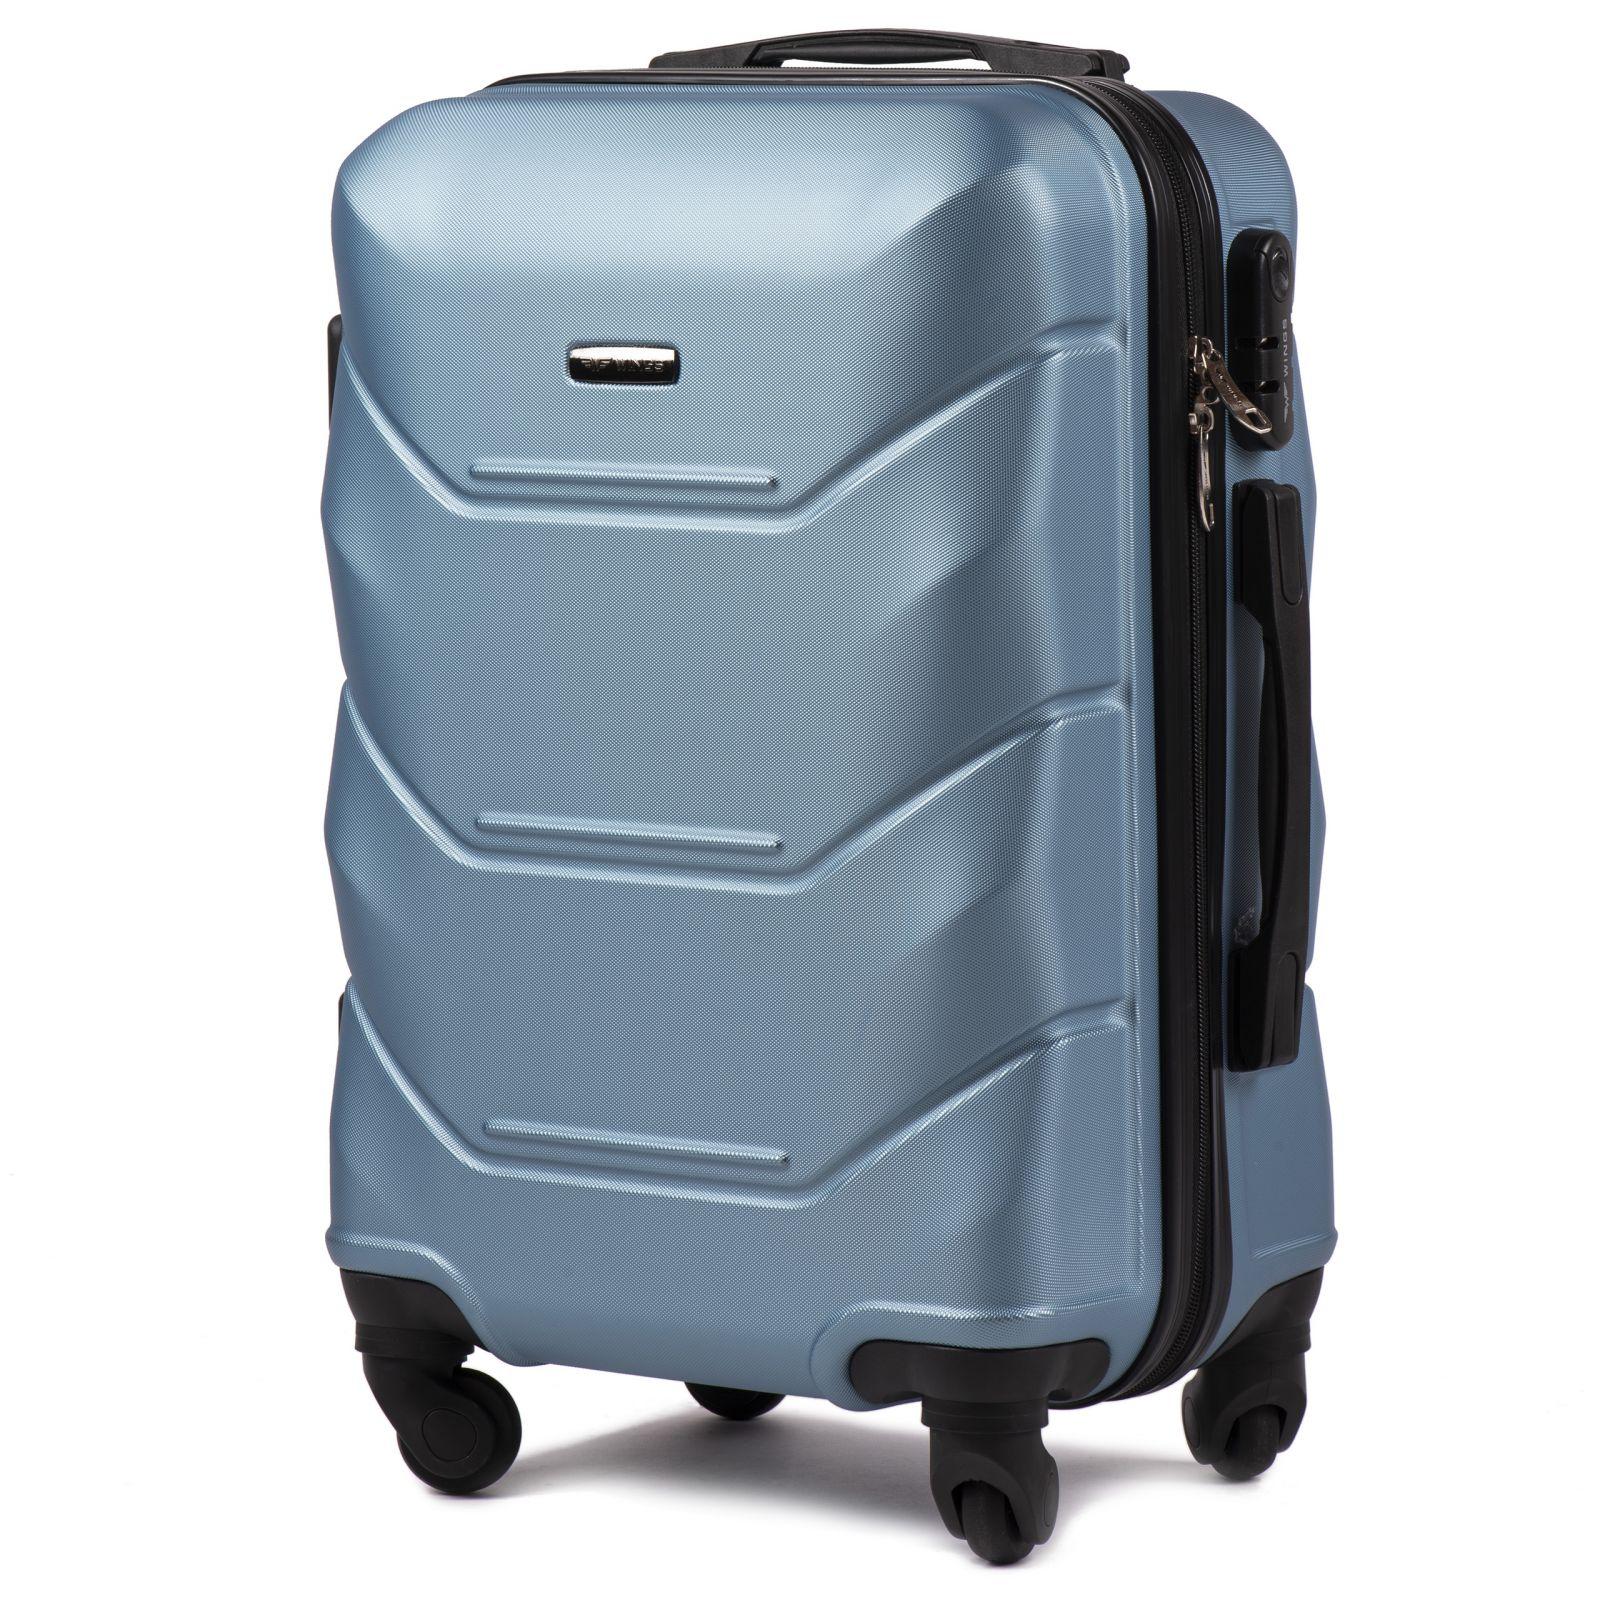 Cestovní kufr WINGS 147 ABS SILVER BLUE malý S